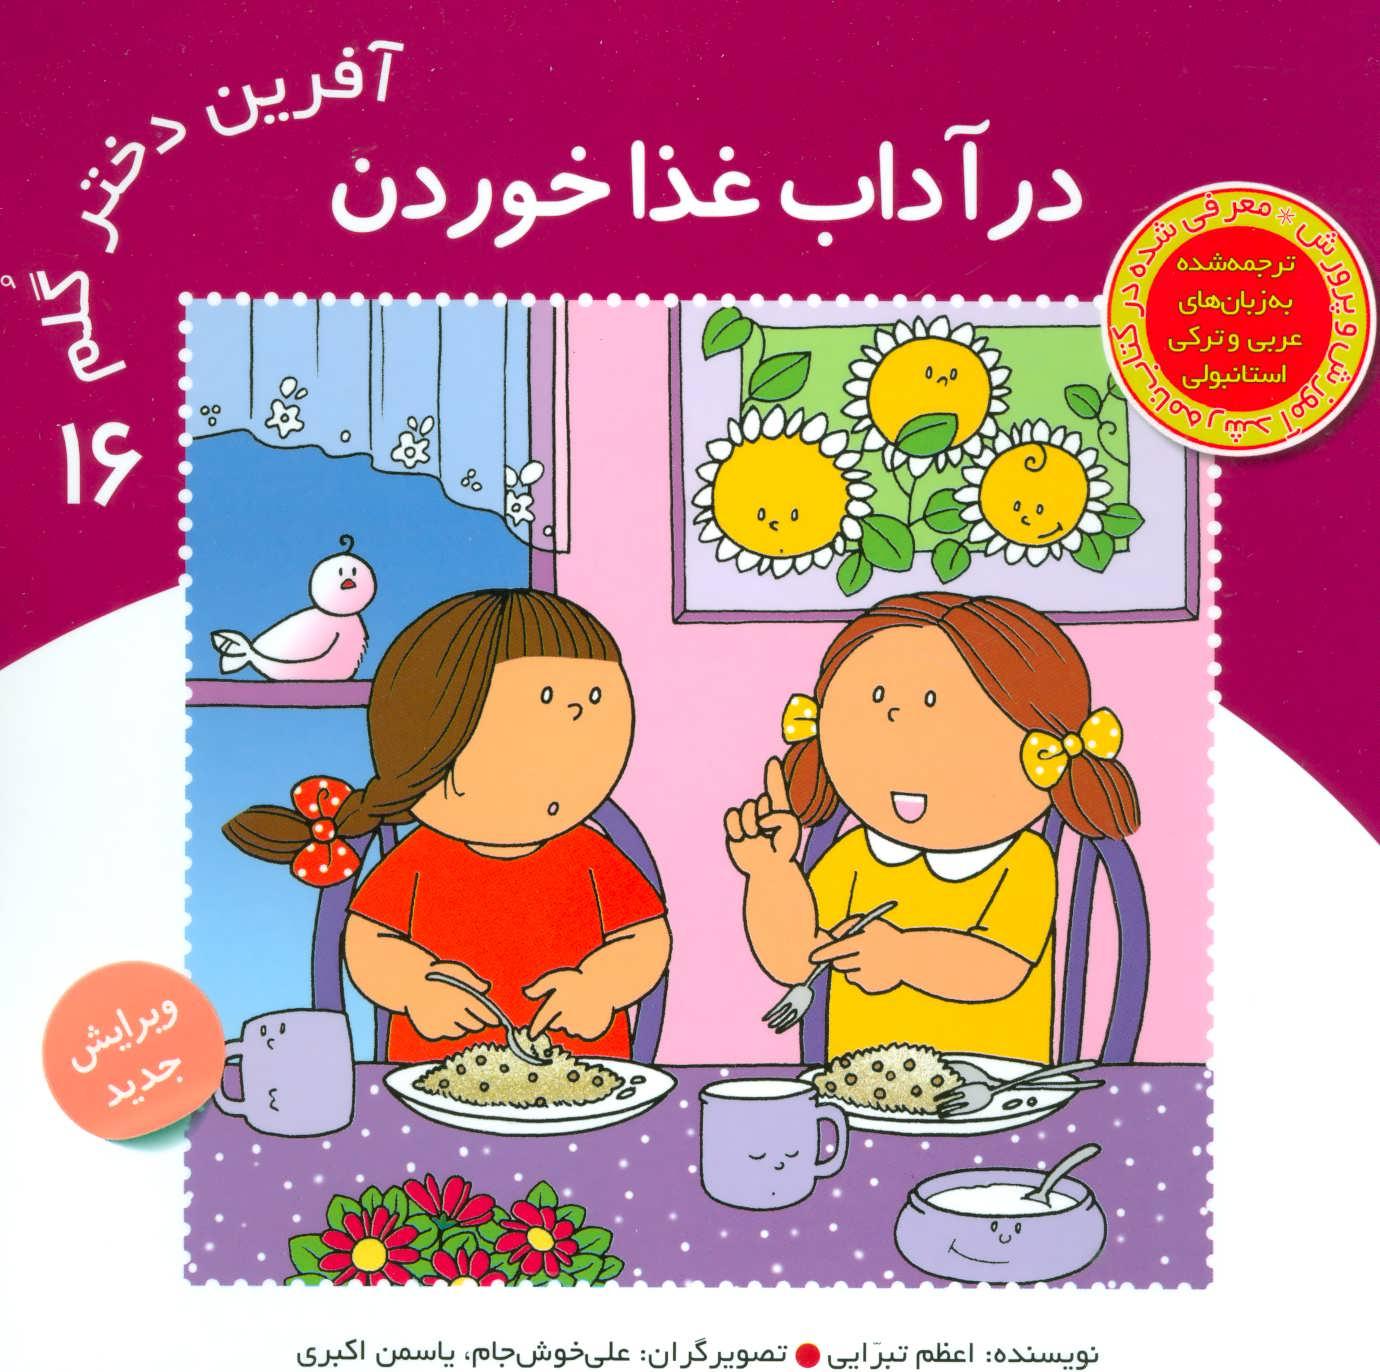 کتاب در آداب غذا خوردن